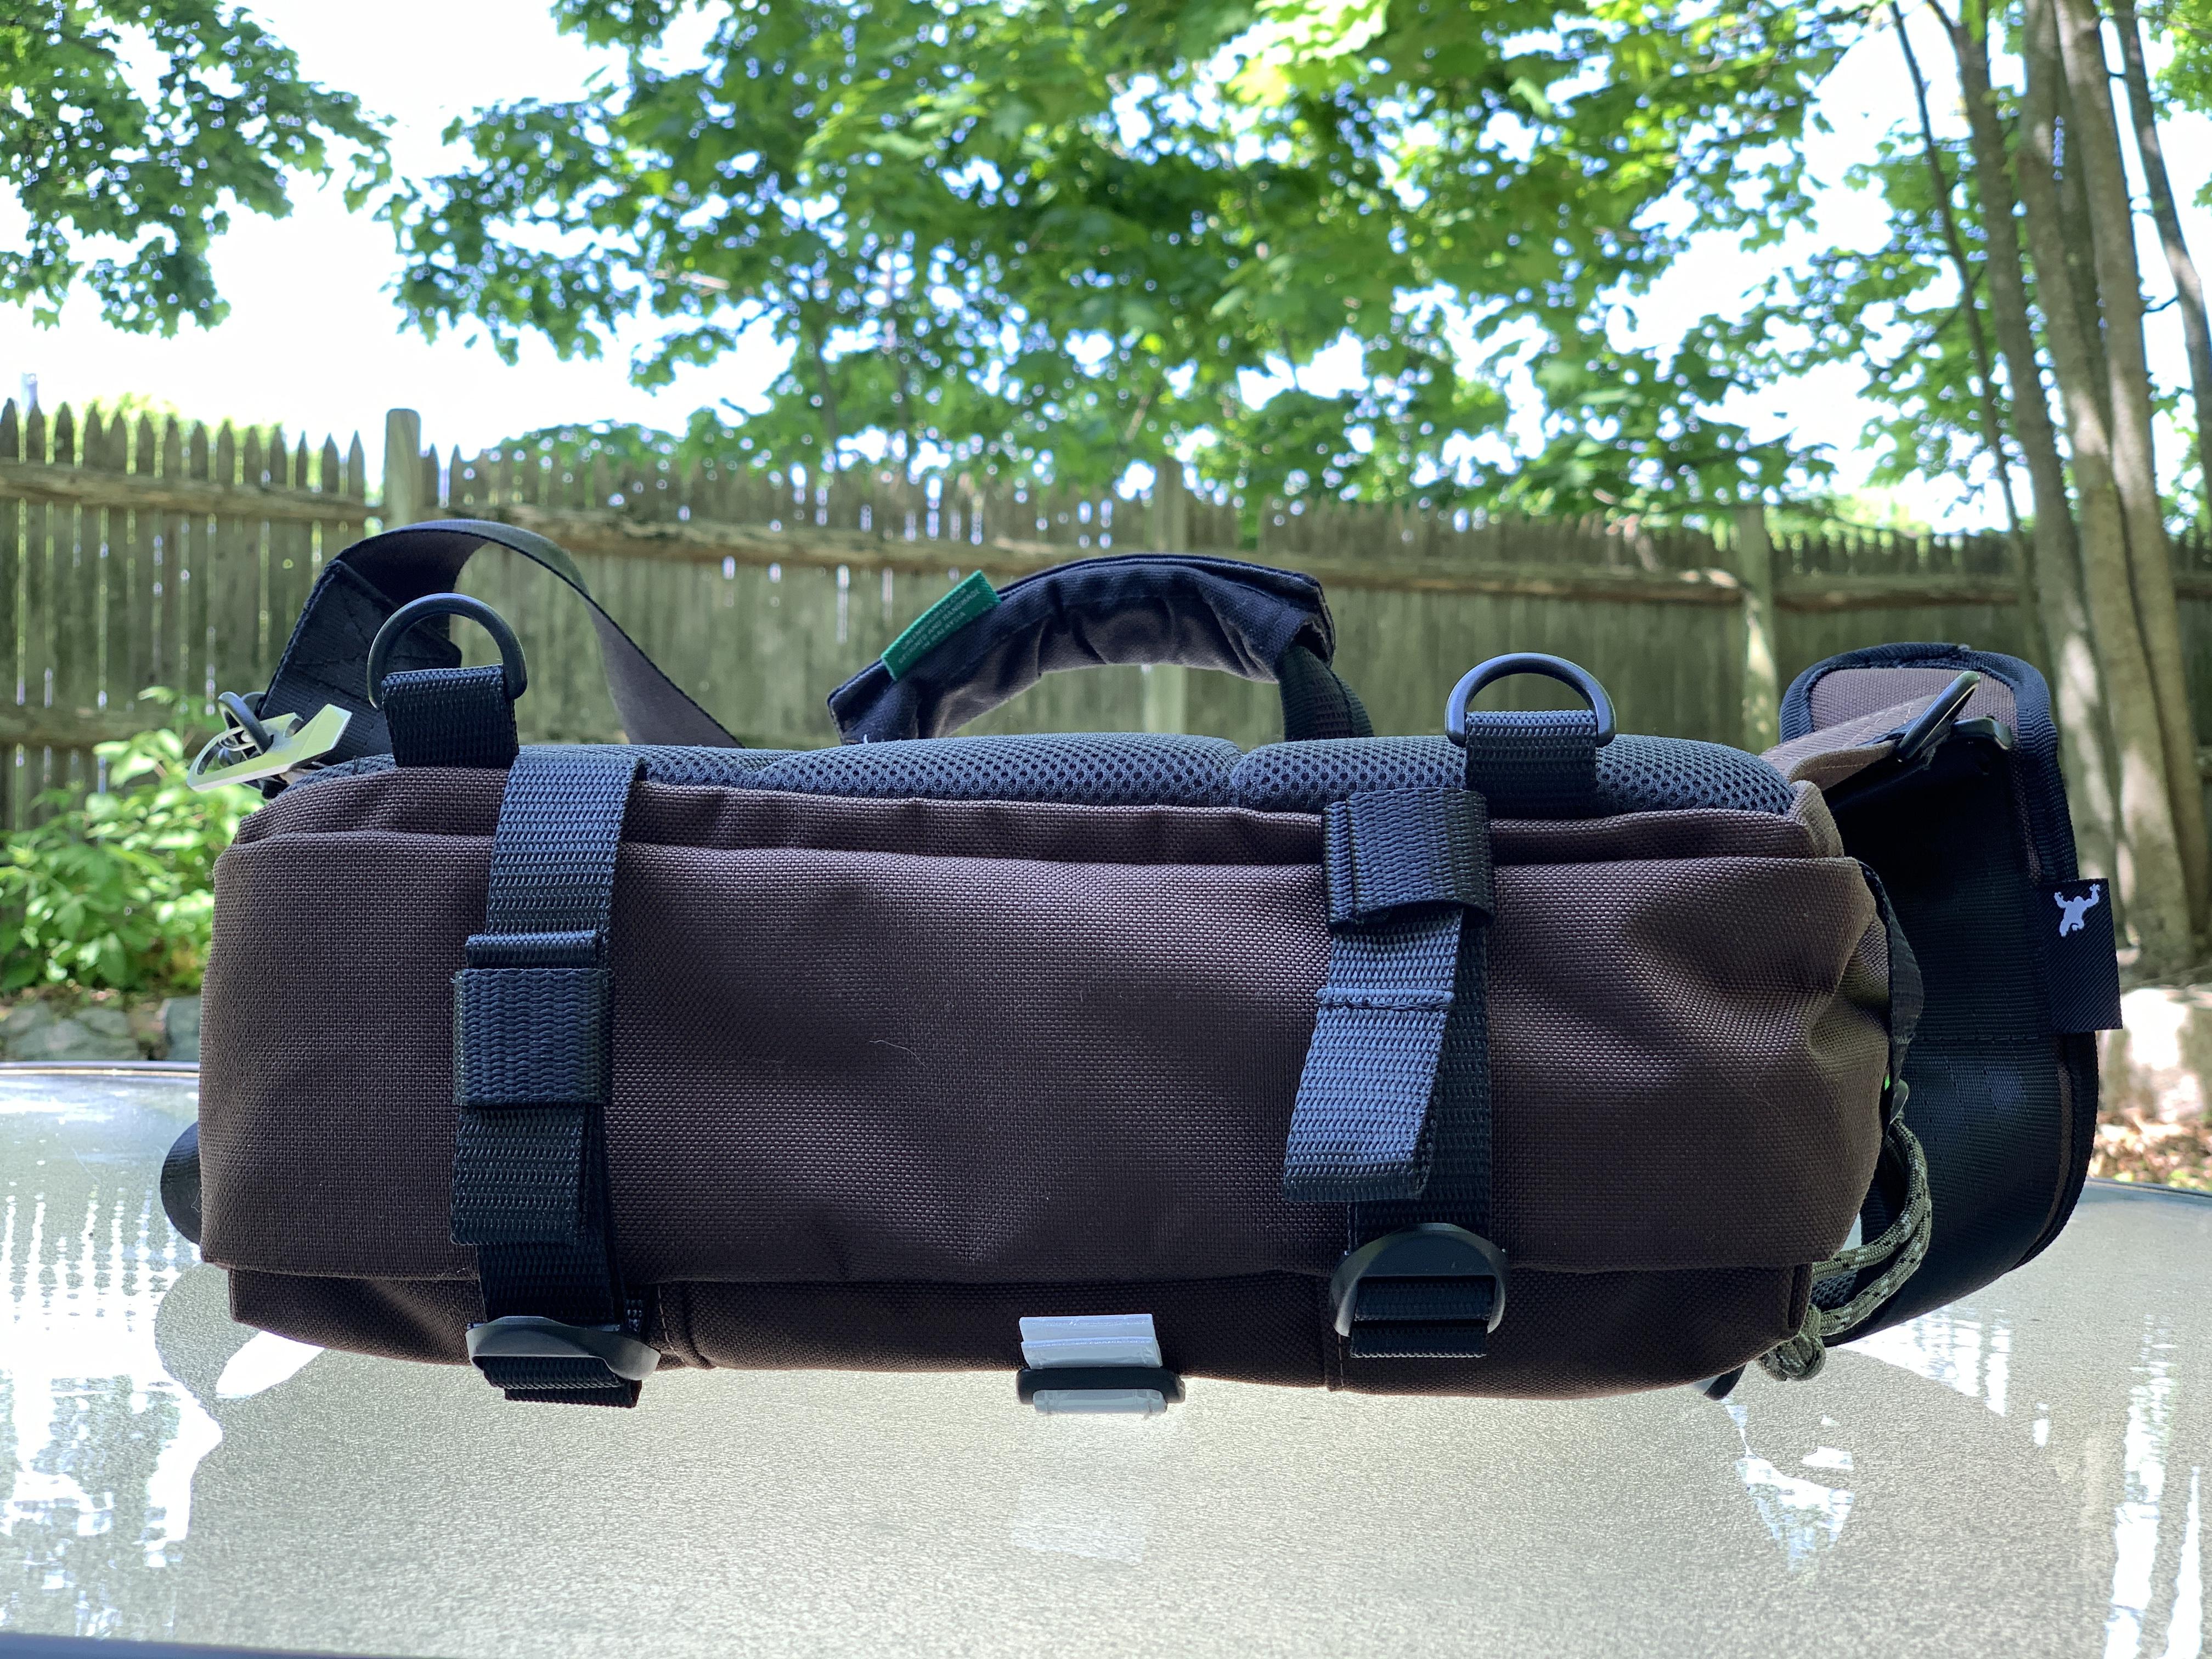 Greenroom136 Metromonger Review bottom of bag webbing straps